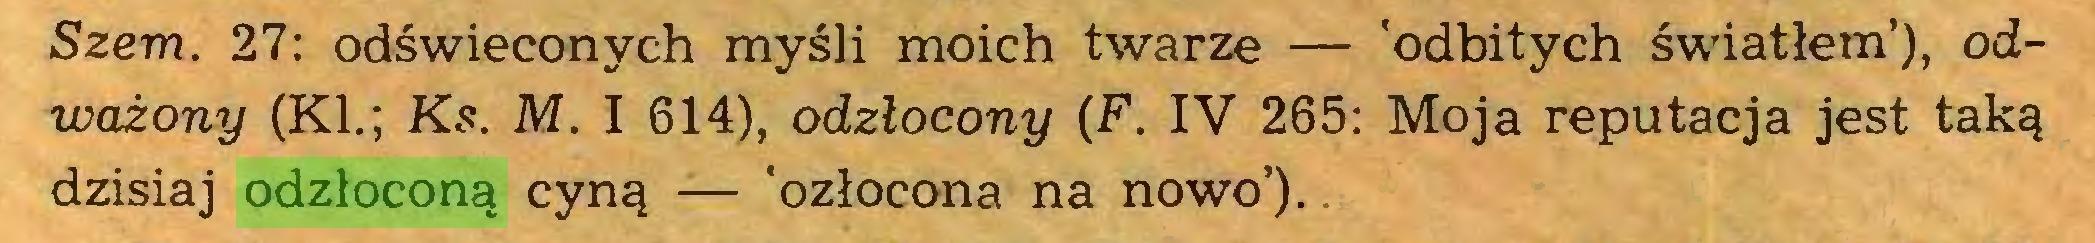 (...) Szem. 27: odświeconych myśli moich twarze — 'odbitych światłem'), odważony (KI.; Ks. M. I 614), odzlocony (F. IV 265: Moja reputacja jest taką dzisiaj odzłoconą cyną — 'ozłocona na nowo')...